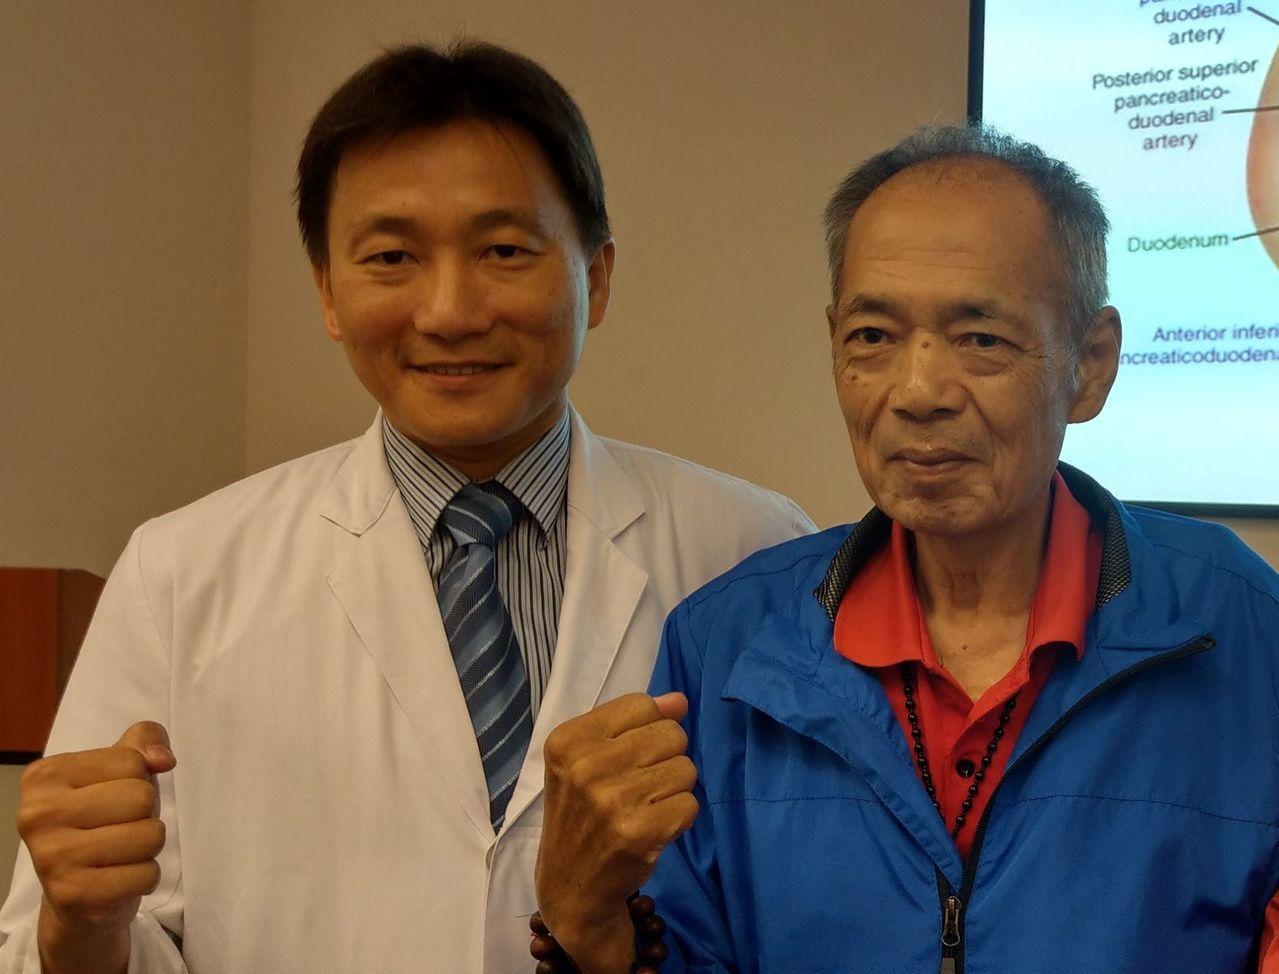 67歲蔡姓胰臟癌末期病患(右)感謝醫師葉俊杰(左)救治,如今無癌症復發跡象,他現...